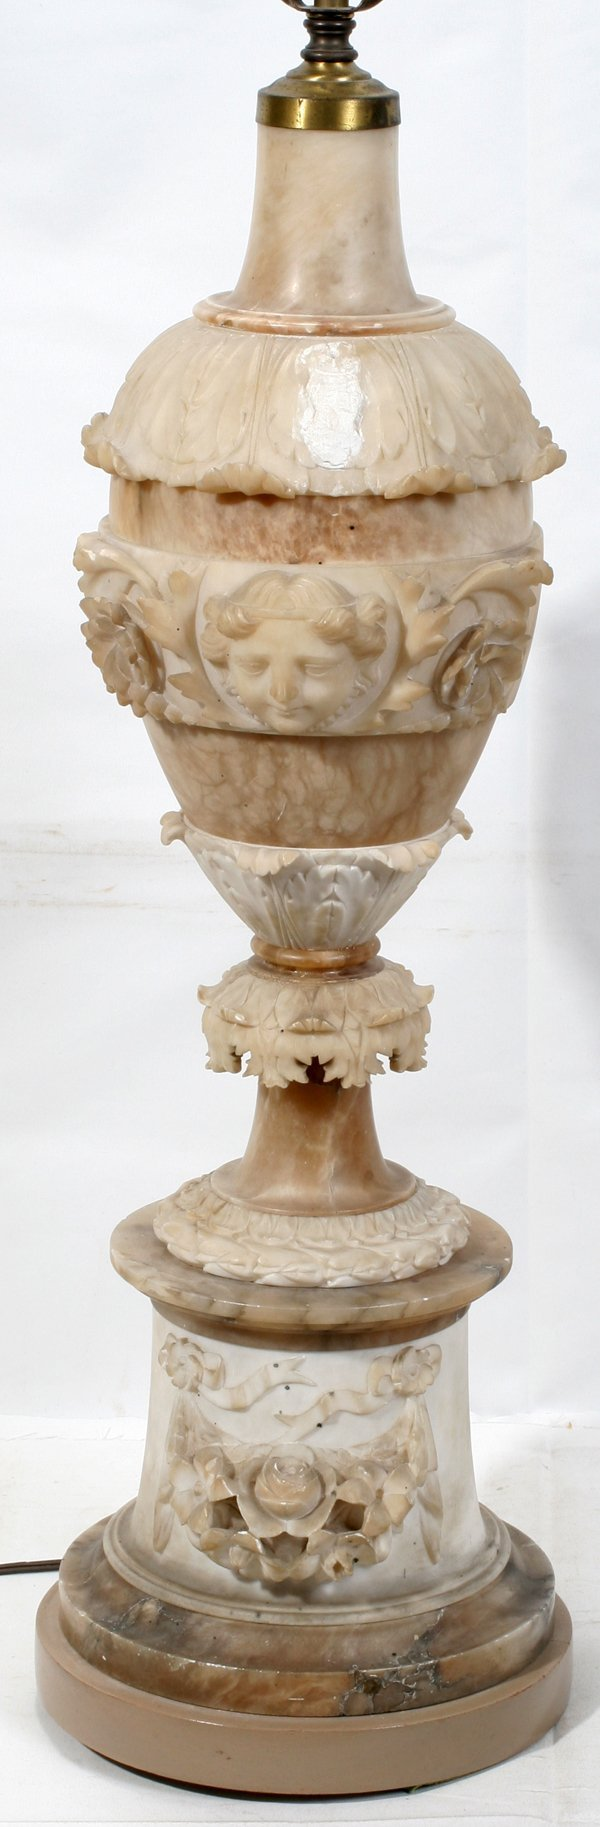 """010010: ITALIAN ALABASTER RELIEF LAMP, ANTIQUE, H41"""""""